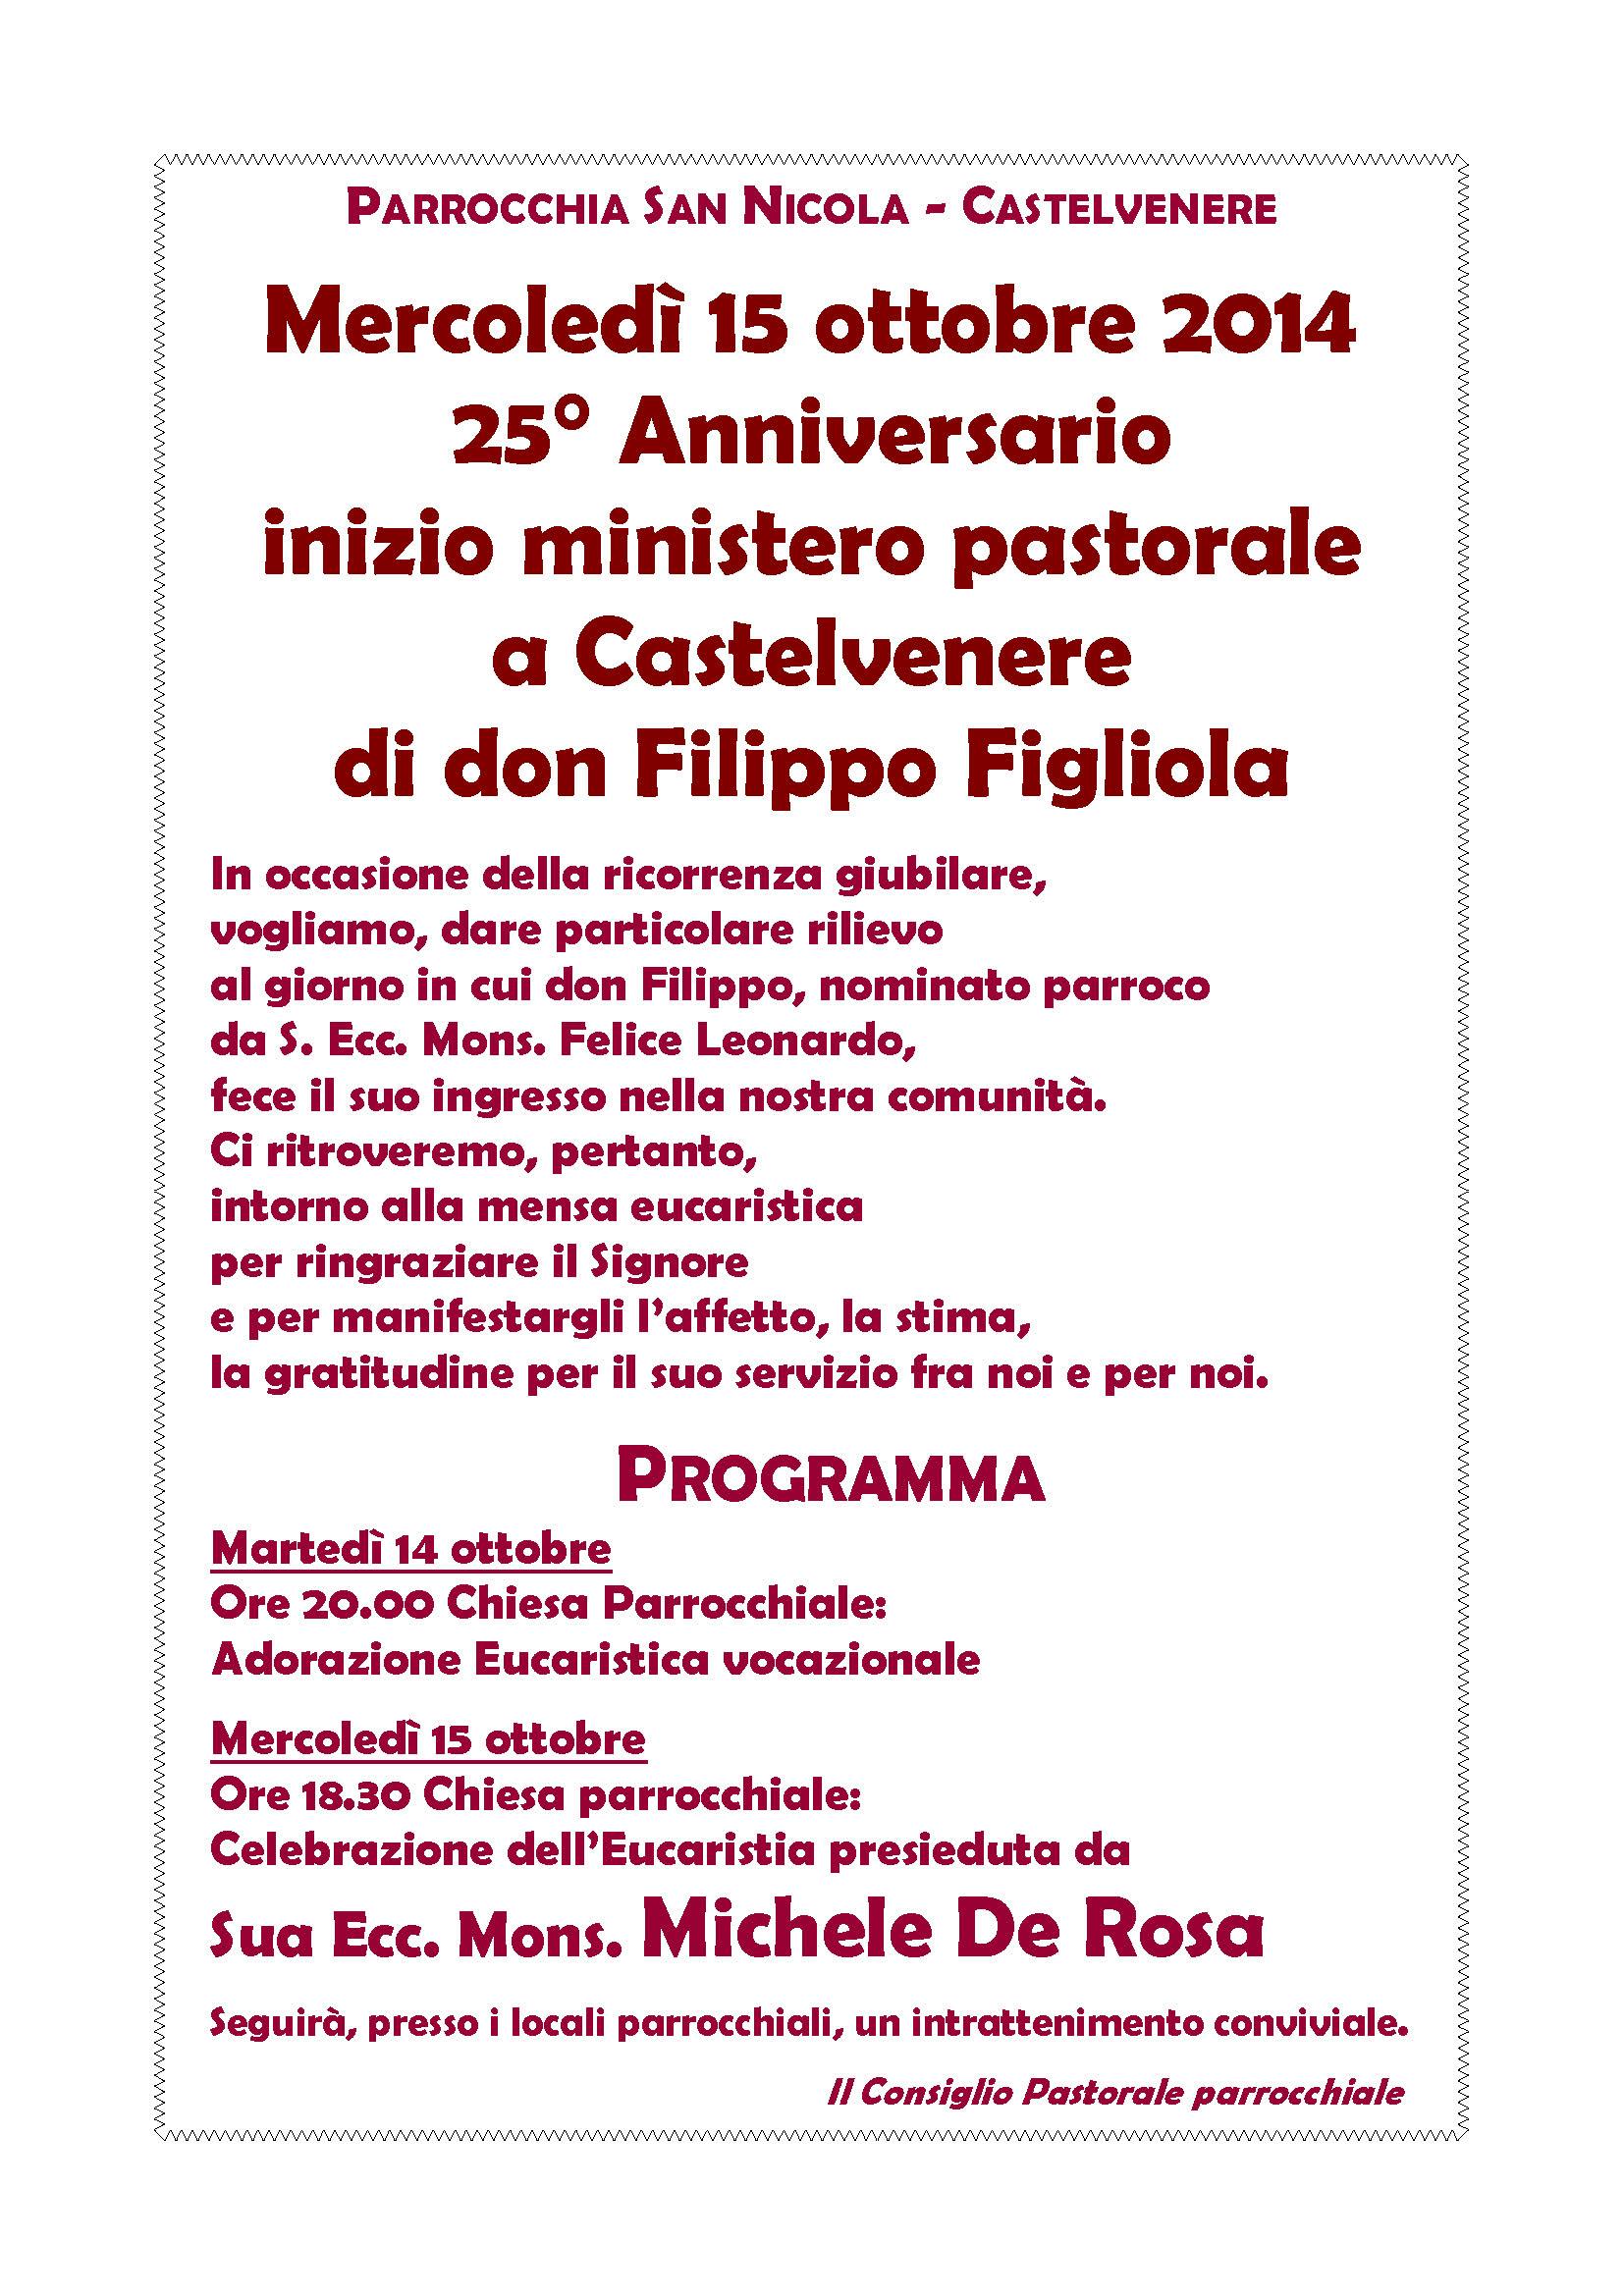 25° Anniversario dell'inizio del ministero pastorale a Castelvenere di don Filippo Figliola